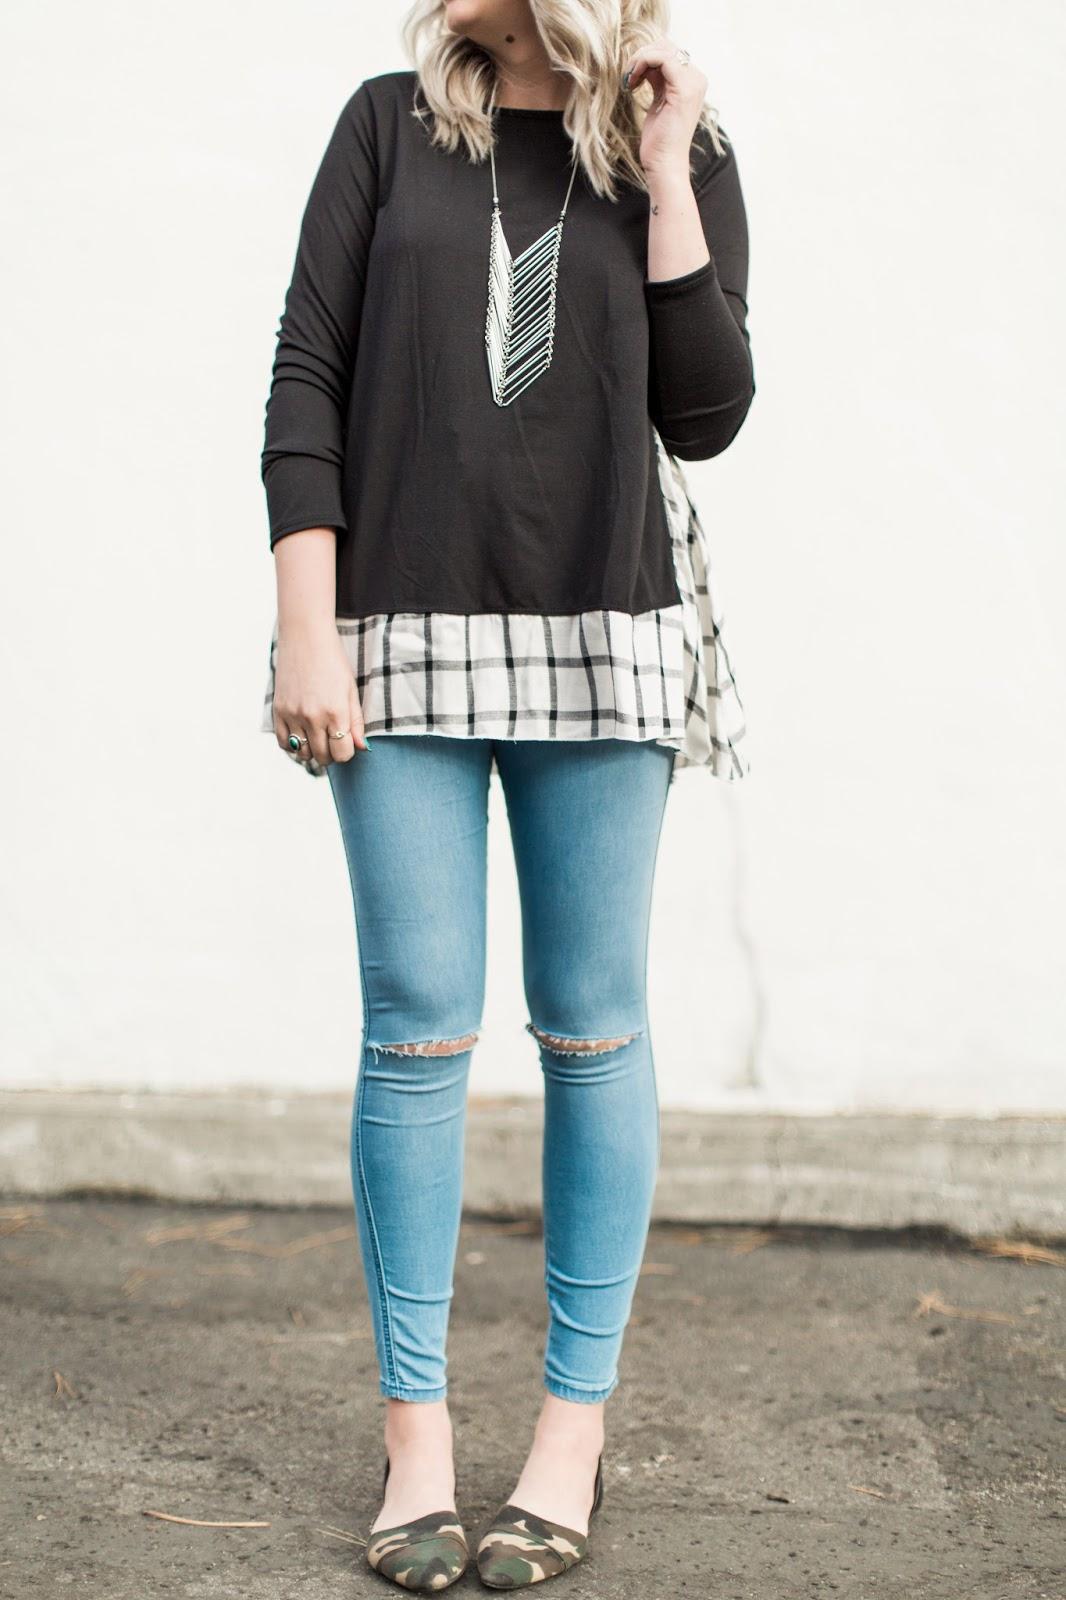 Modest Fashion Blogger, Camo Flats, ASOS